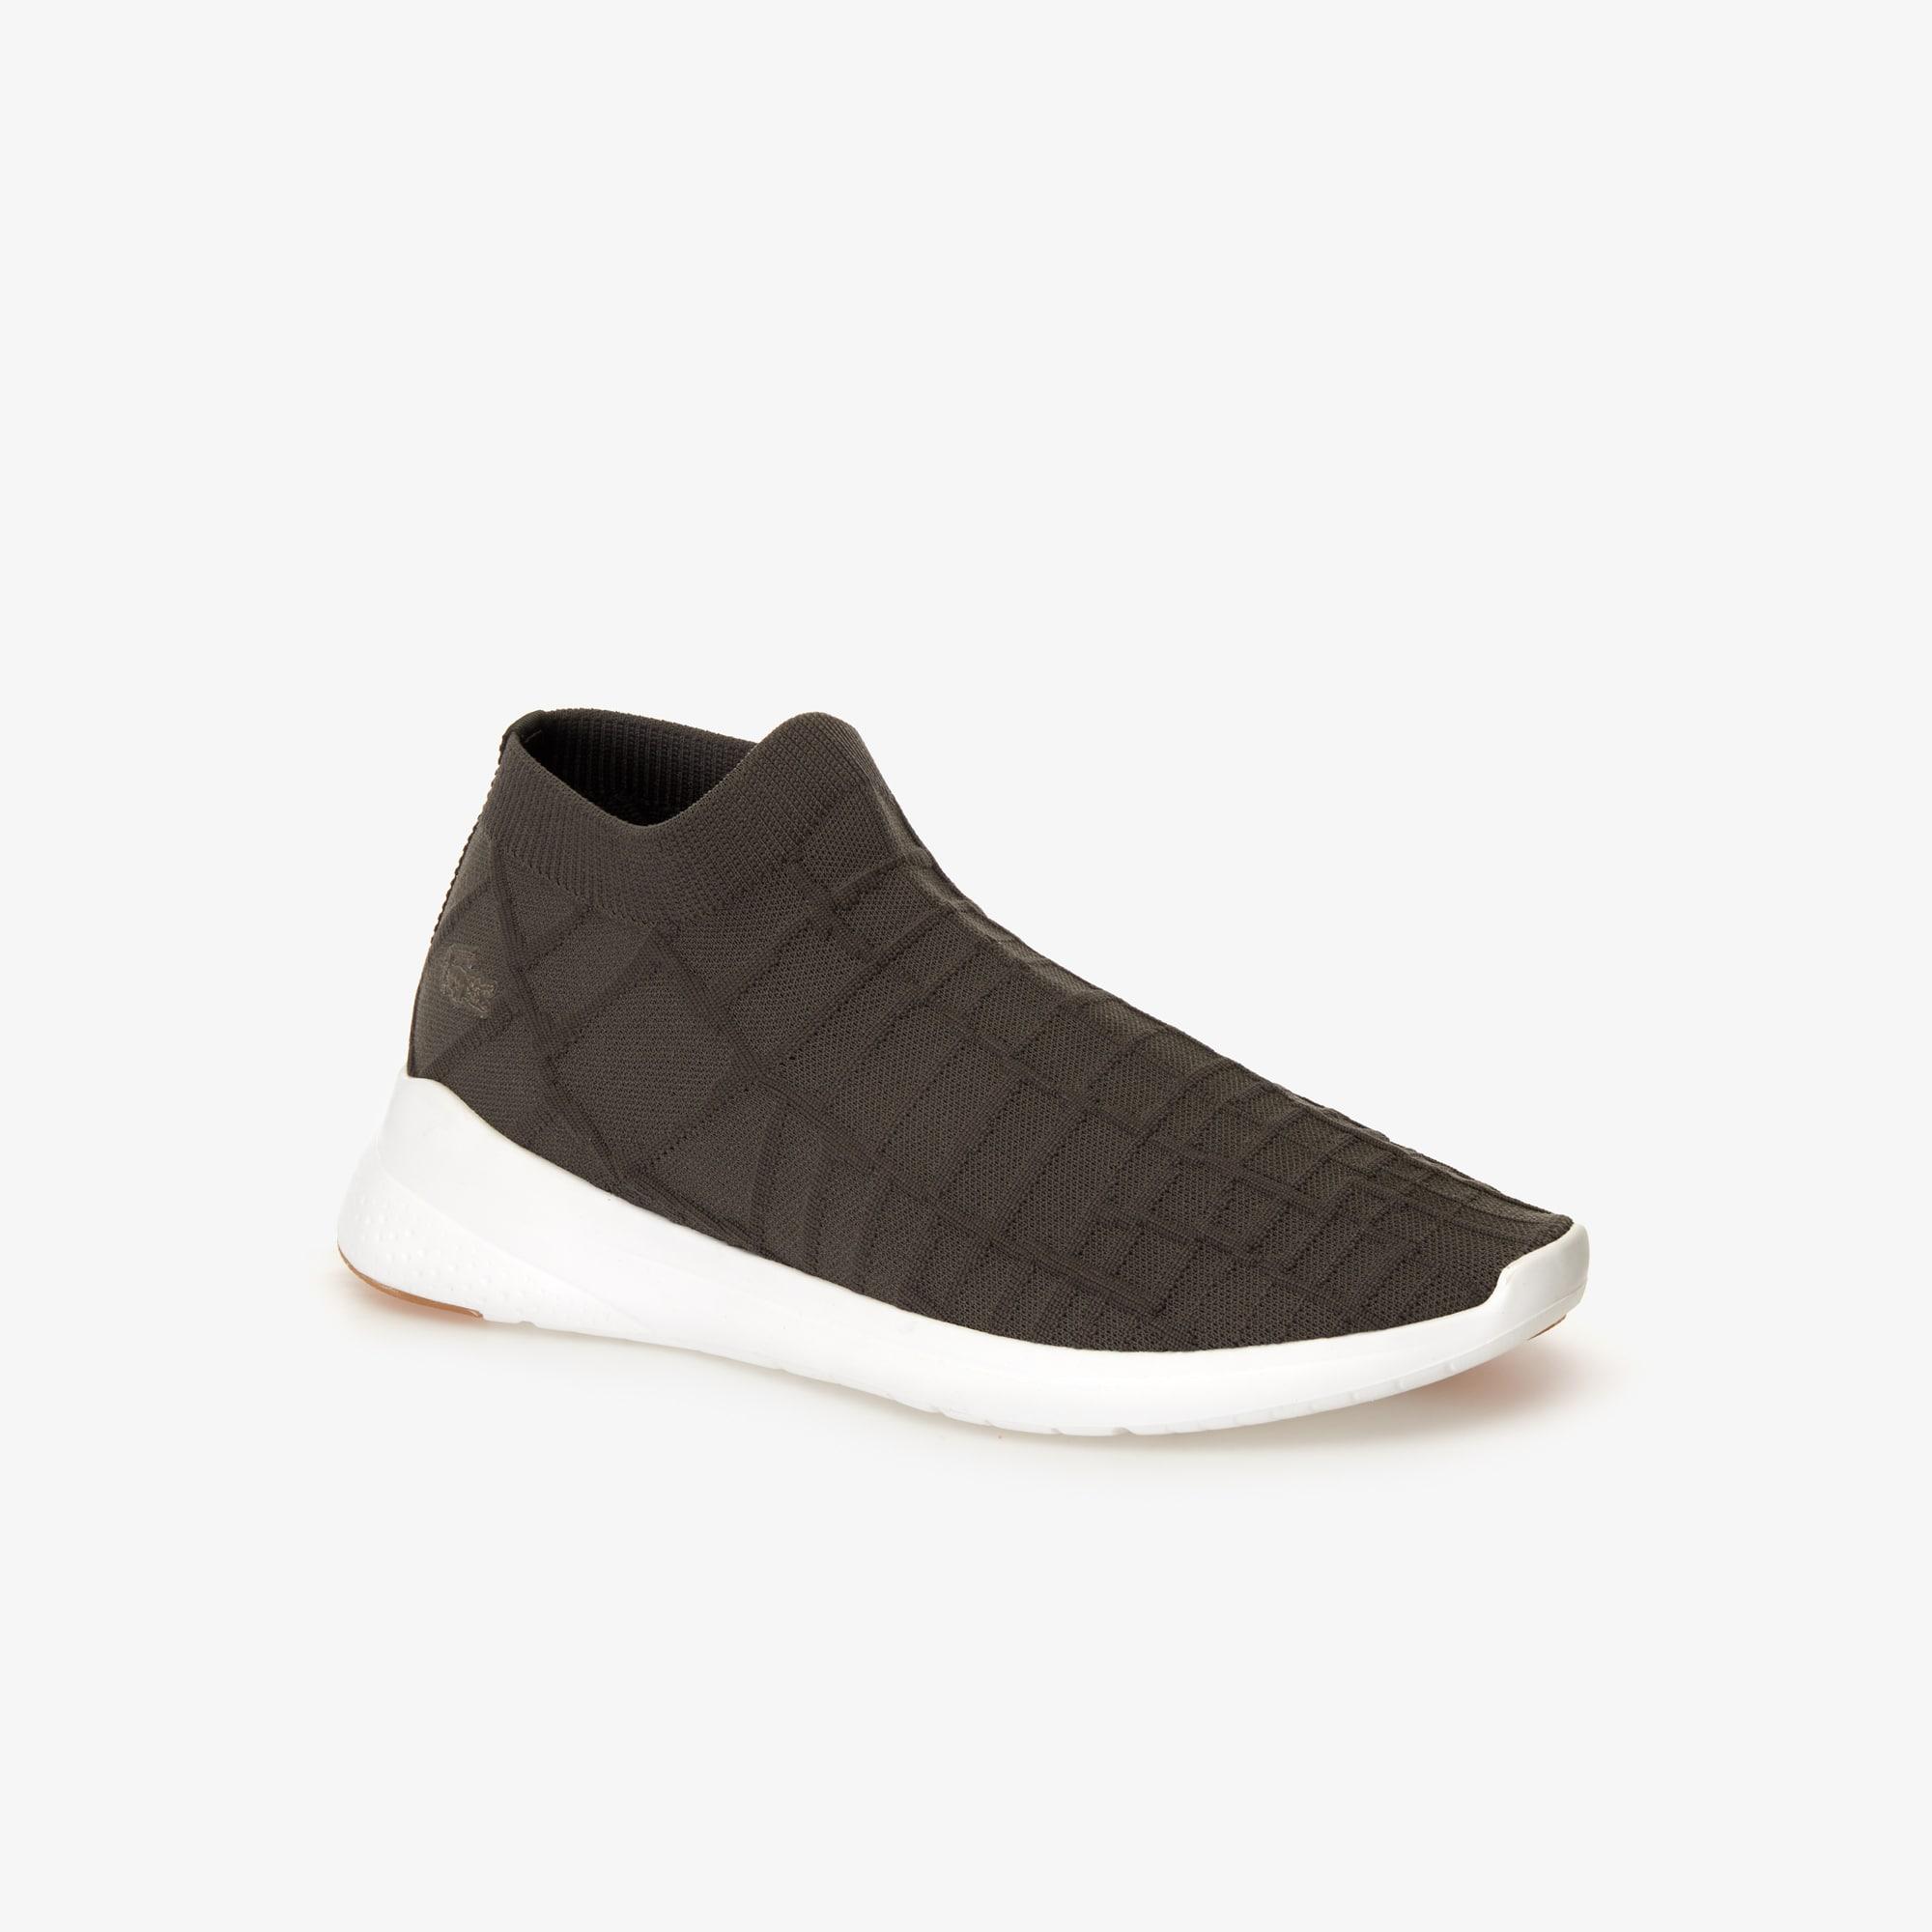 69528a30cf9 Sneakers LT Fit Sock homme avec crocodile ton sur ton